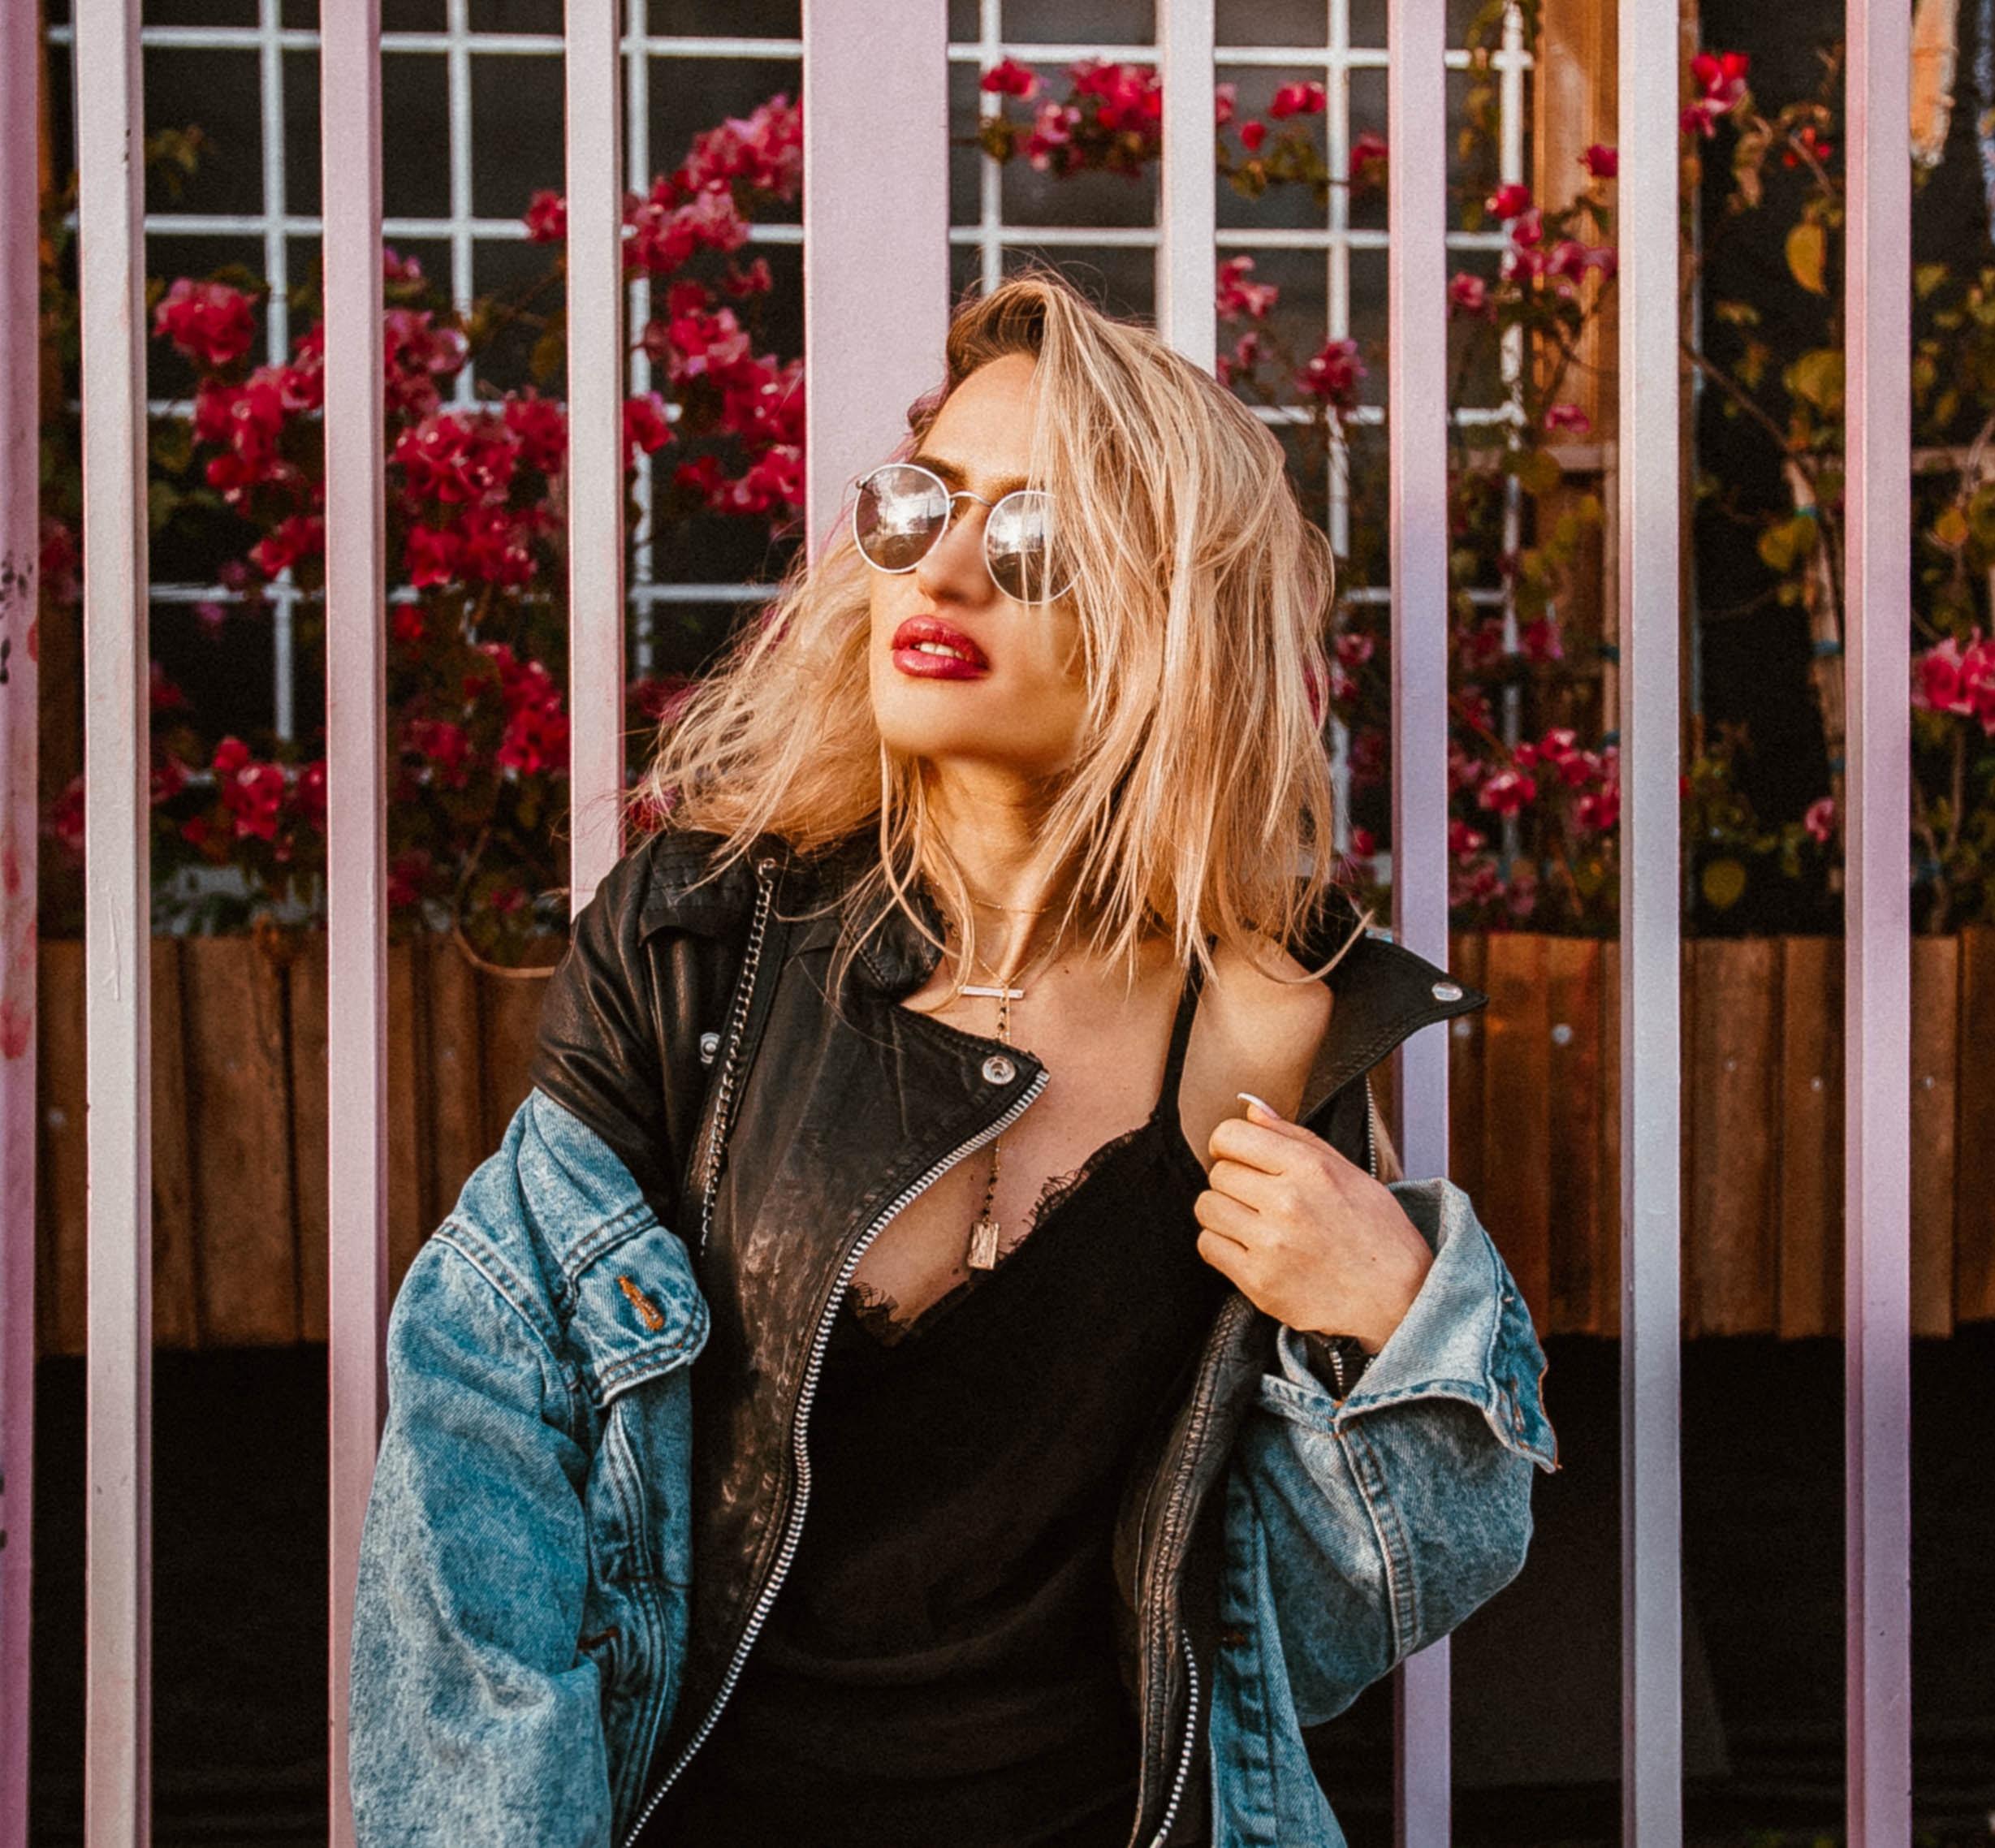 woman wearing sunglasses and black spaghetti strap shirt